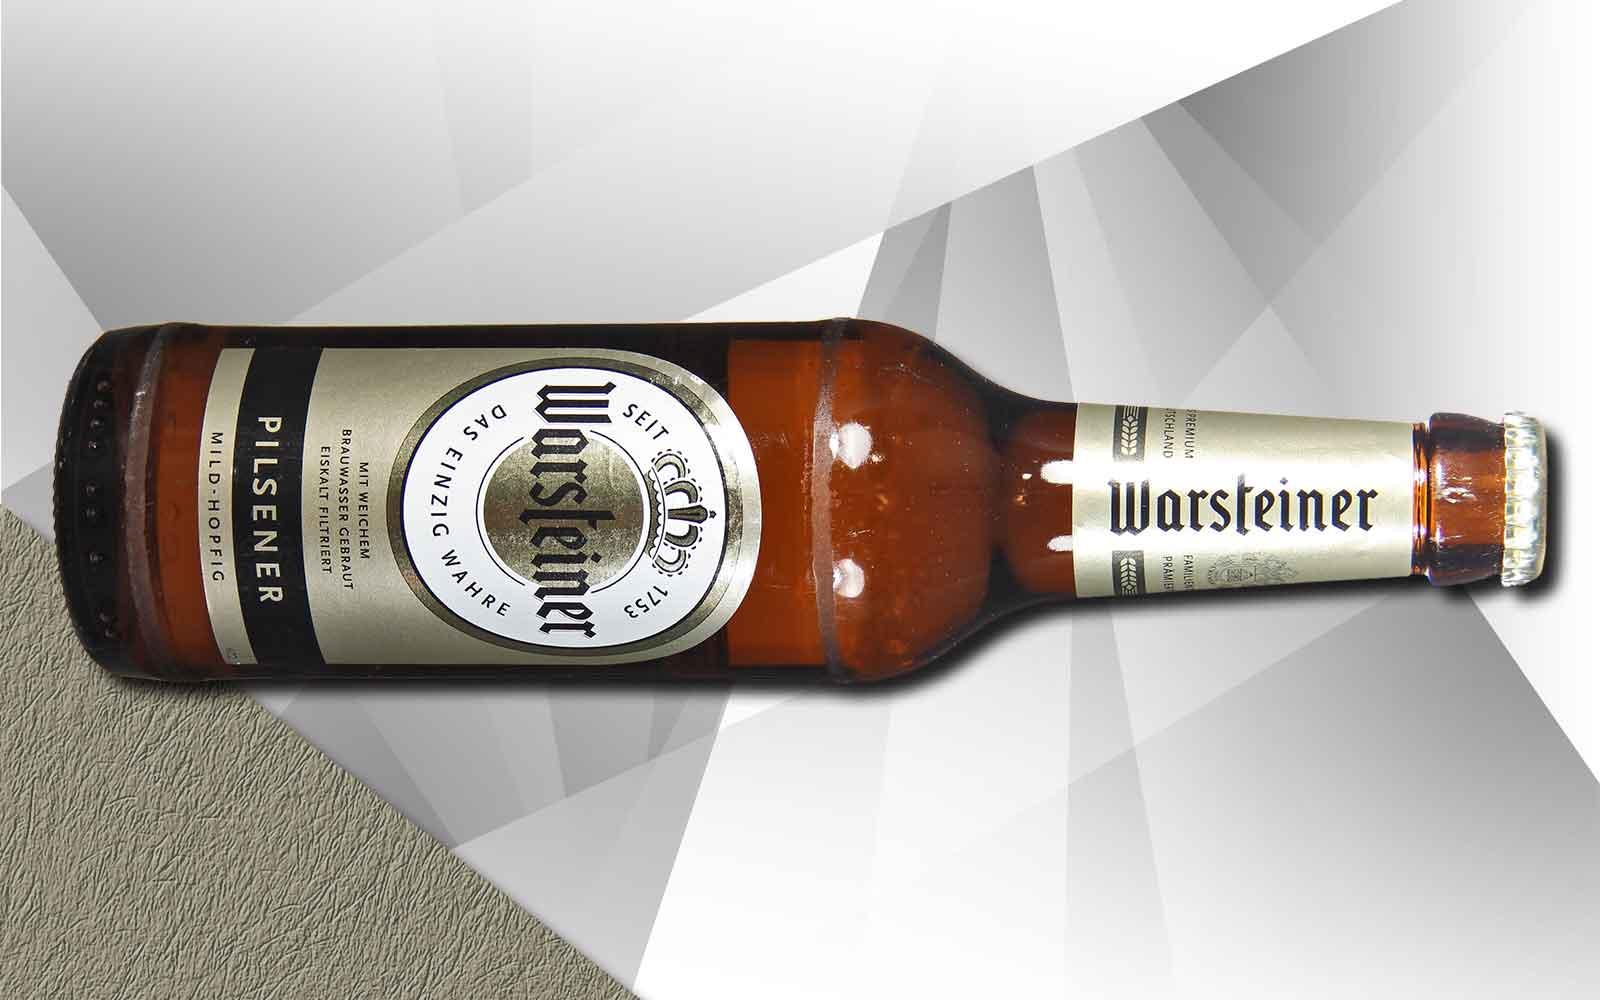 Warsteiner – Die Königin unter den Bieren?